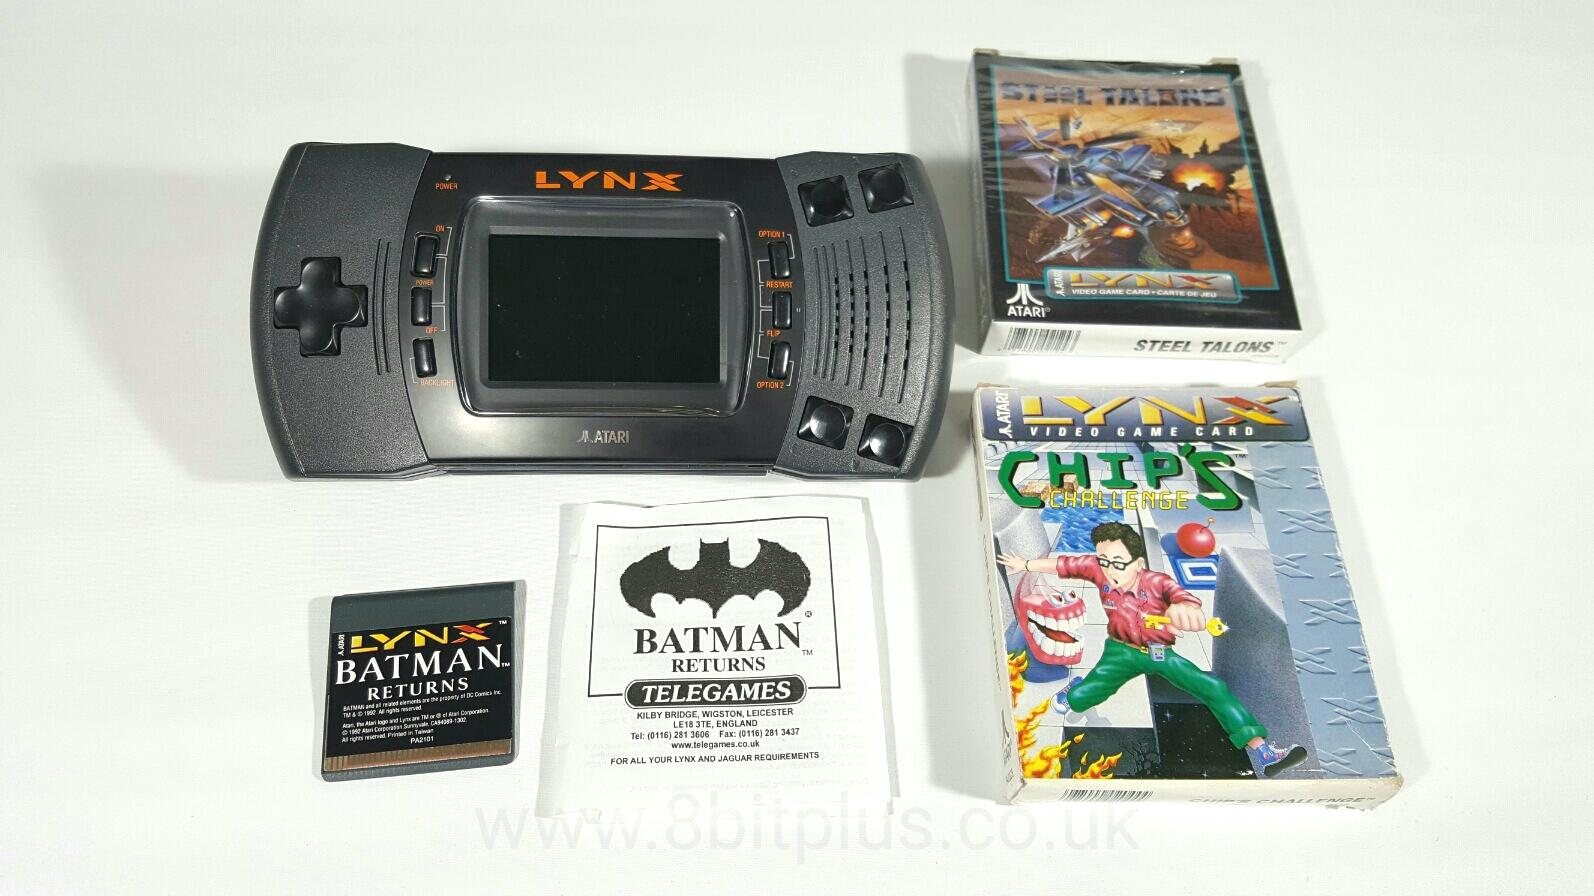 Atari_Lynx_9